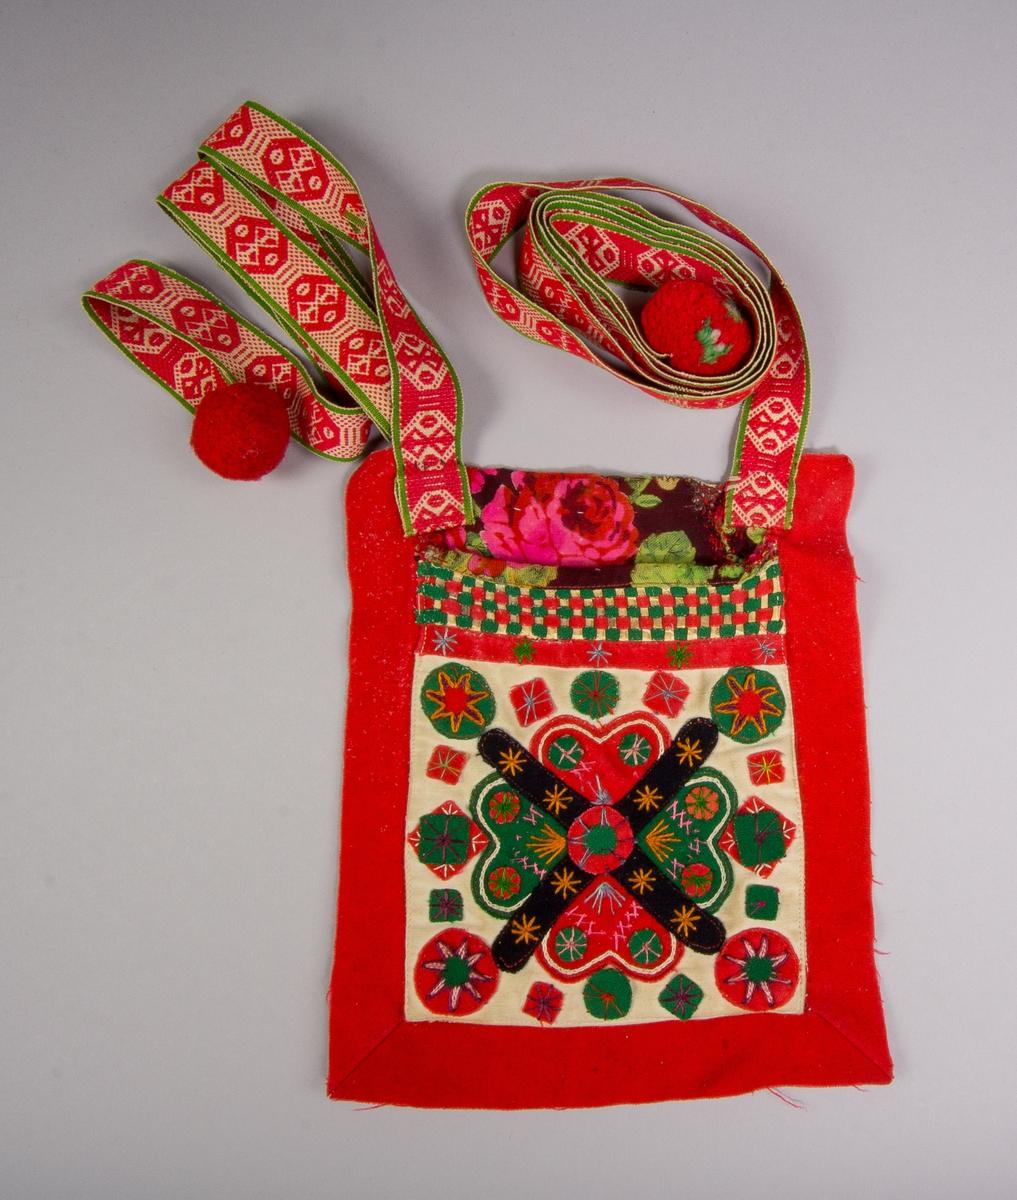 """Kjolsäck till dräkt för kvinna från Rättviks socken, Dalarna. Modell med avskuret framstycke. Framstycke av beige bomullstyg, satinvävt, med applikation av kläde i rött, grönt och svart, delvis fastsydda med maskinsöm. Centralt placerad hjärtblomma, omgiven av rundlar och stjärnor. Broderi utfört med bomullsgarn i många färger: kedjesöm, sticksöm och flätsöm. Ovanför applikationen fastsydd en remsa rött kläde, ovan den en """"grind"""" flätad av smala remsor rött och grönt kläde samt vitt fårskinn, ovan den en kantning av tryckt yllemuslin. En bred remsa rött kläde med utstickande kant inlagd i sido- och bottensöm, sydda hörn. Överstycke av yllemuslin med tryckt mönster. Framstycket fodrat med vitt bomullstyg, lakansväv. Bakstycke av bomullstyg, randigt i vitt och två blå toner. Band i två delar, fastsydda i överstycket och avslutade med bollar av ullgarn, handvävda, plockat mönster i rött ullgarn på vit botten. Bandet är  avslutat i yttre ändarna med en boll av rött ullgarn."""